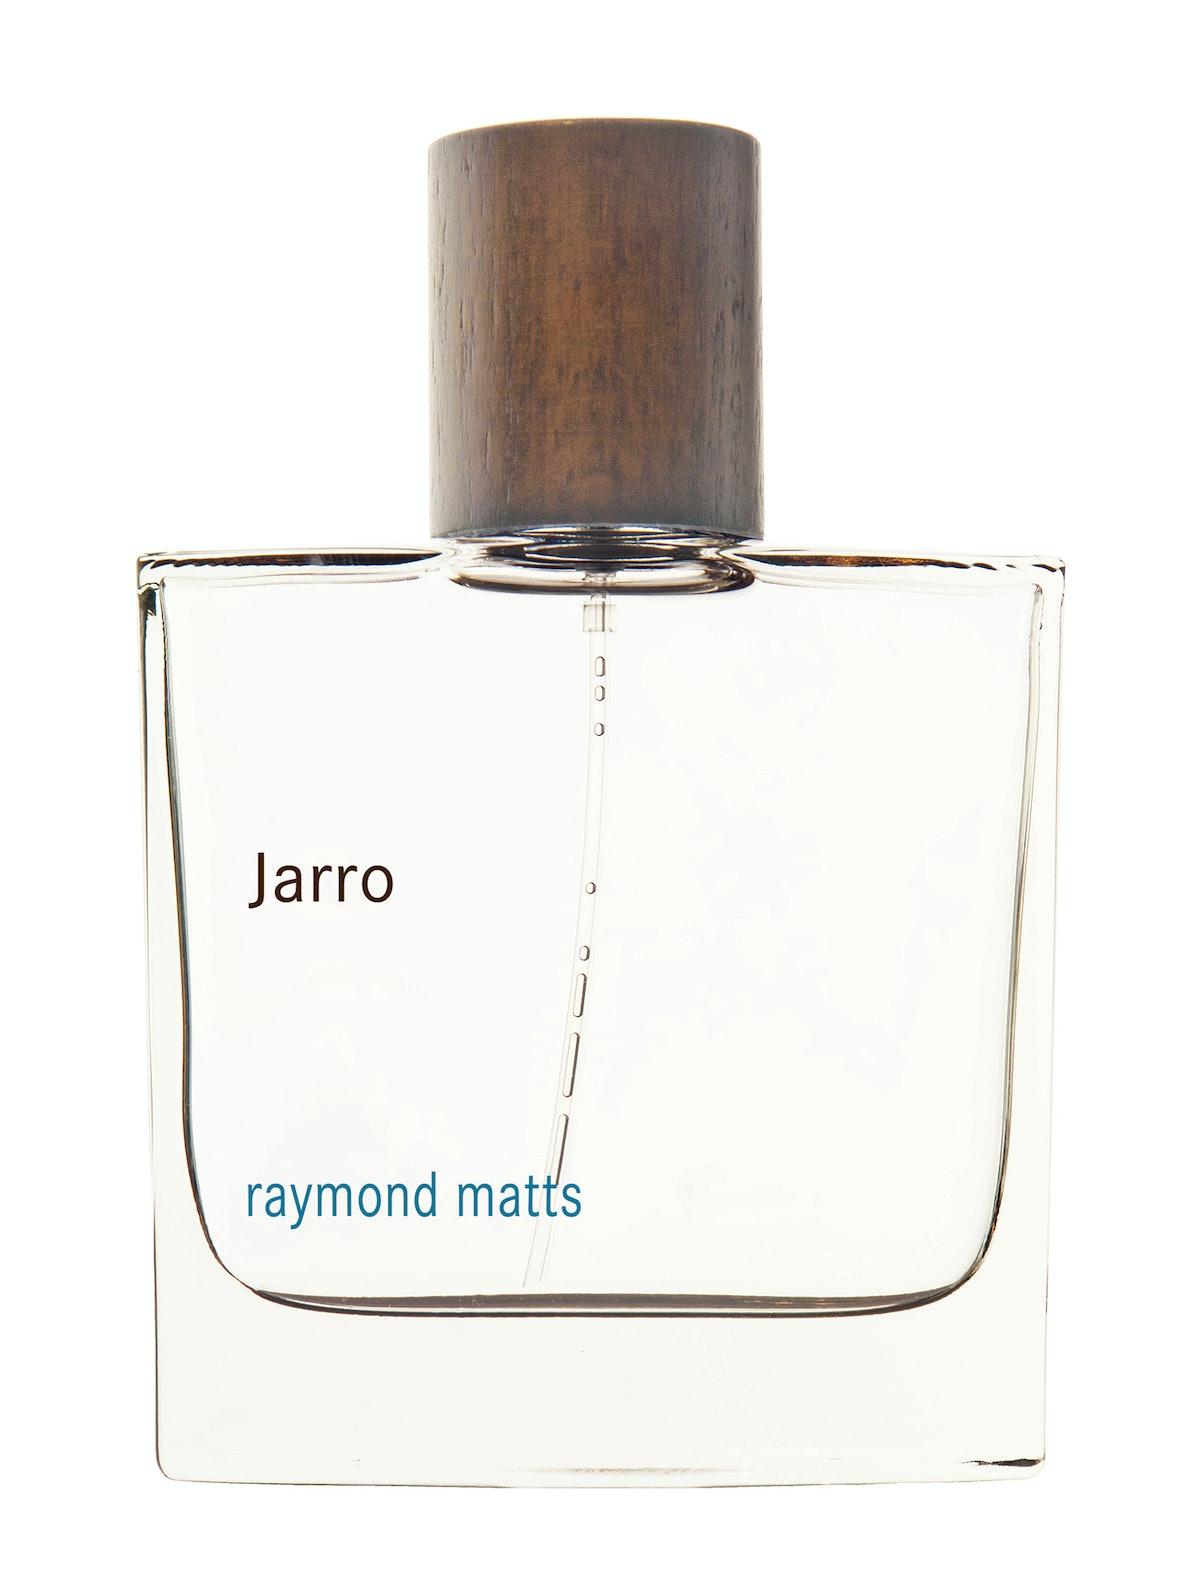 Raymond Matts Jarro